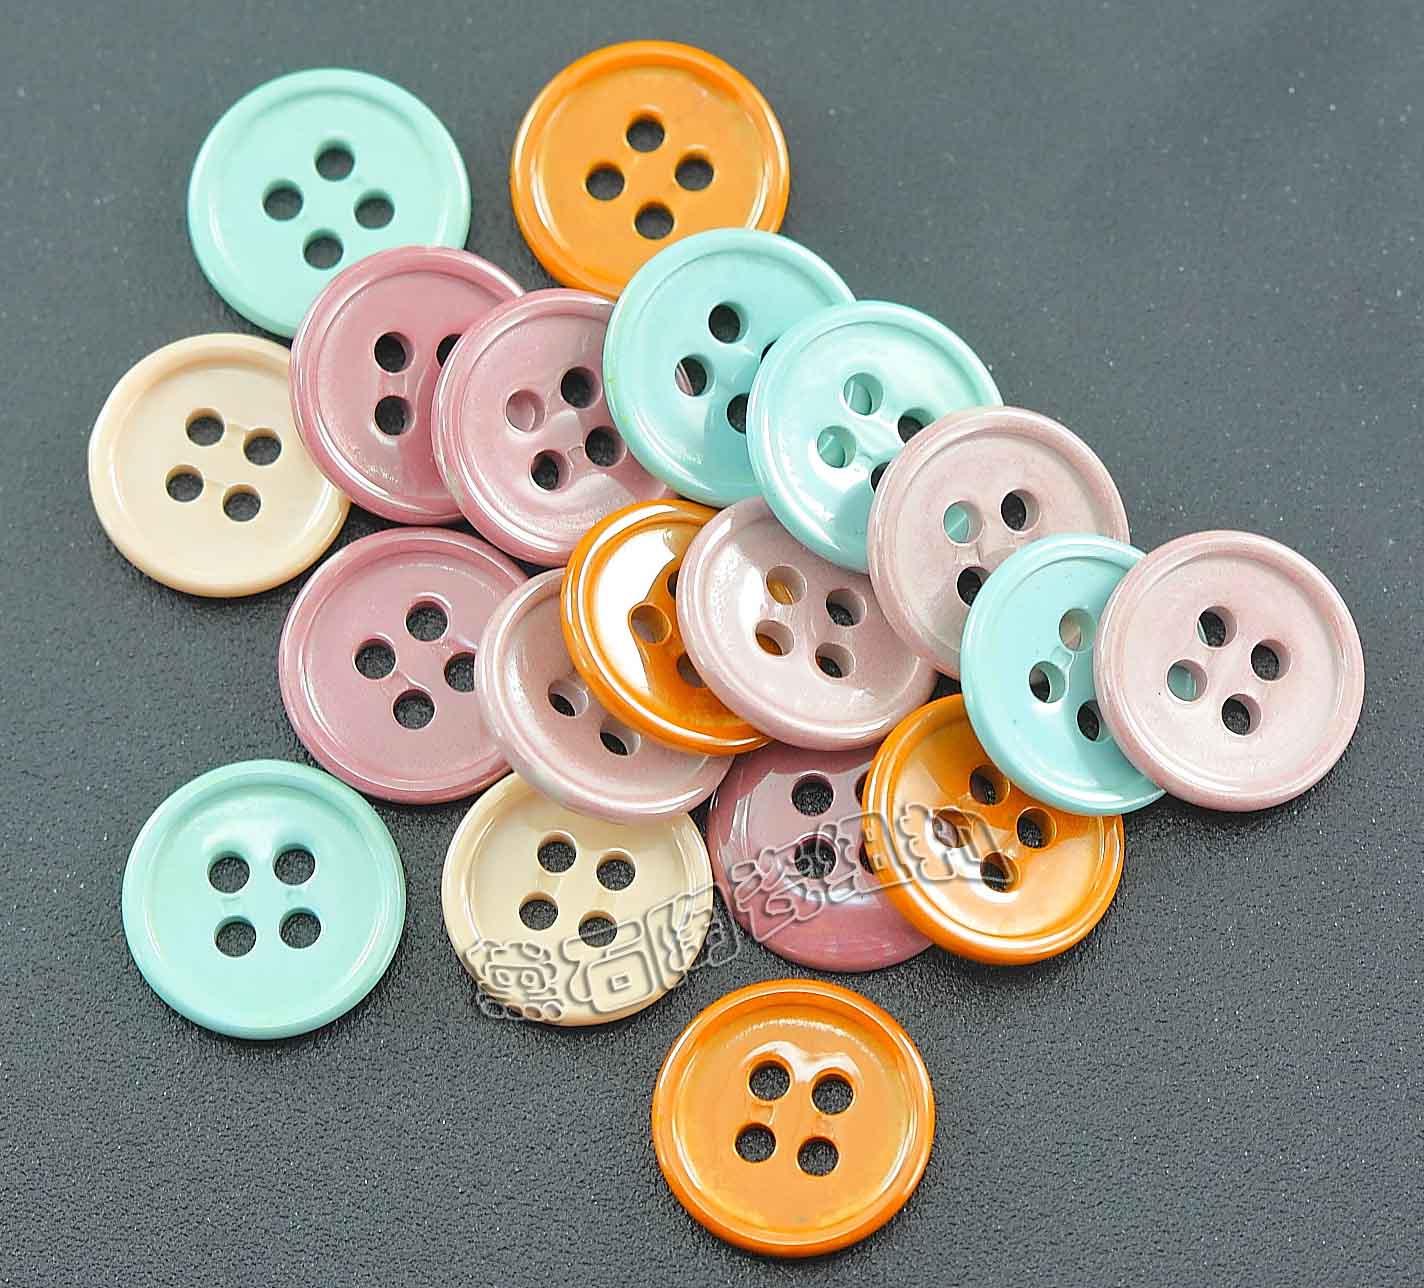 黛石 优质全陶瓷服饰纽扣厂家 衬衫纽扣多颜色选择